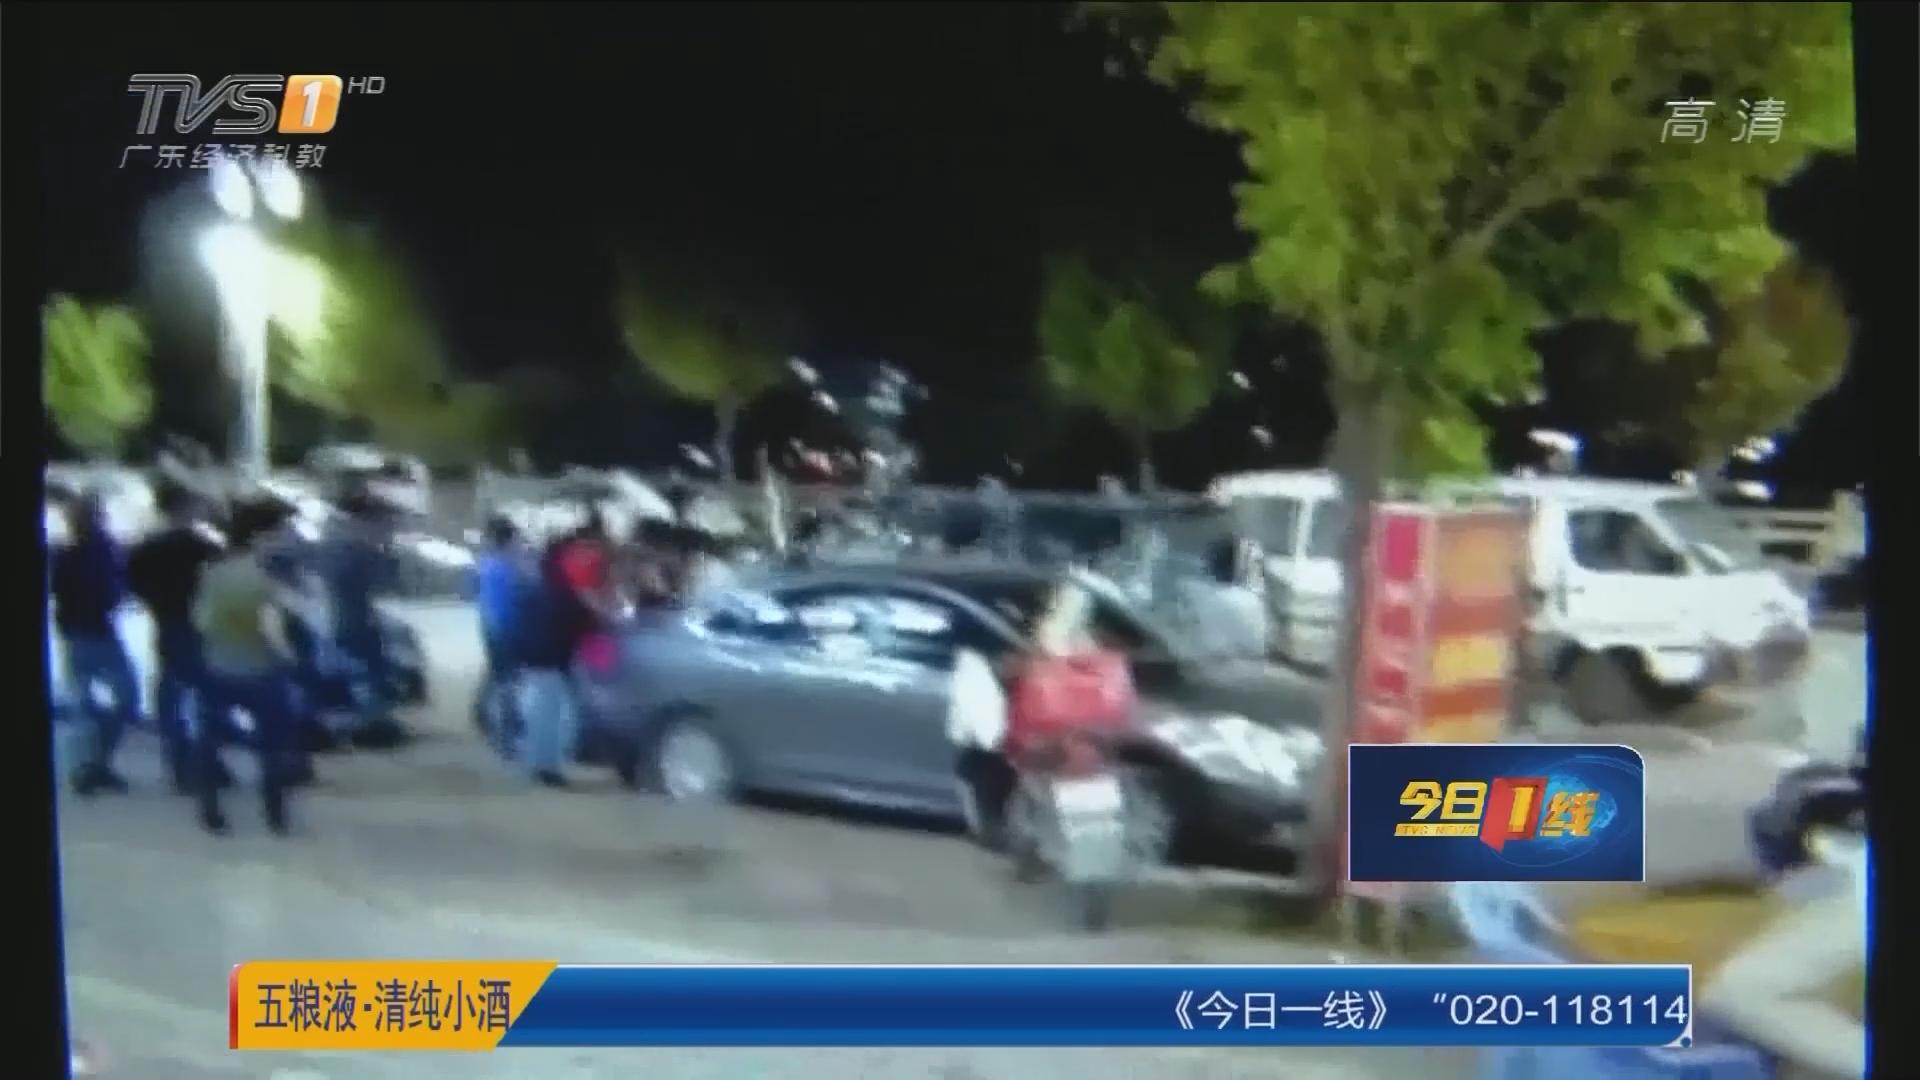 河源龙川:惊悚!数十男子当街械斗 警方制止